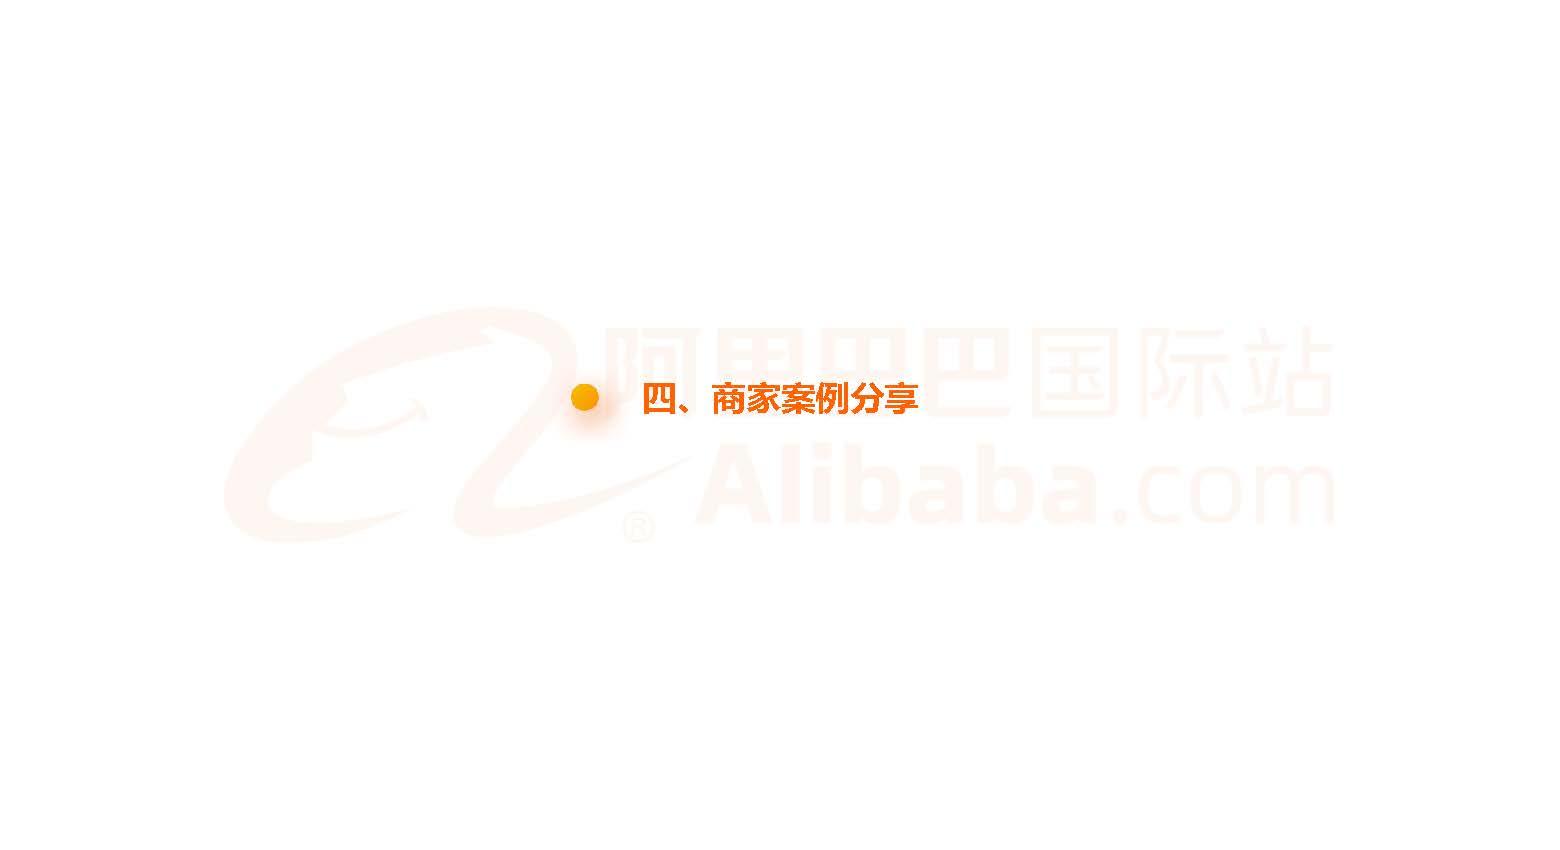 禮研報_頁面_18.jpg